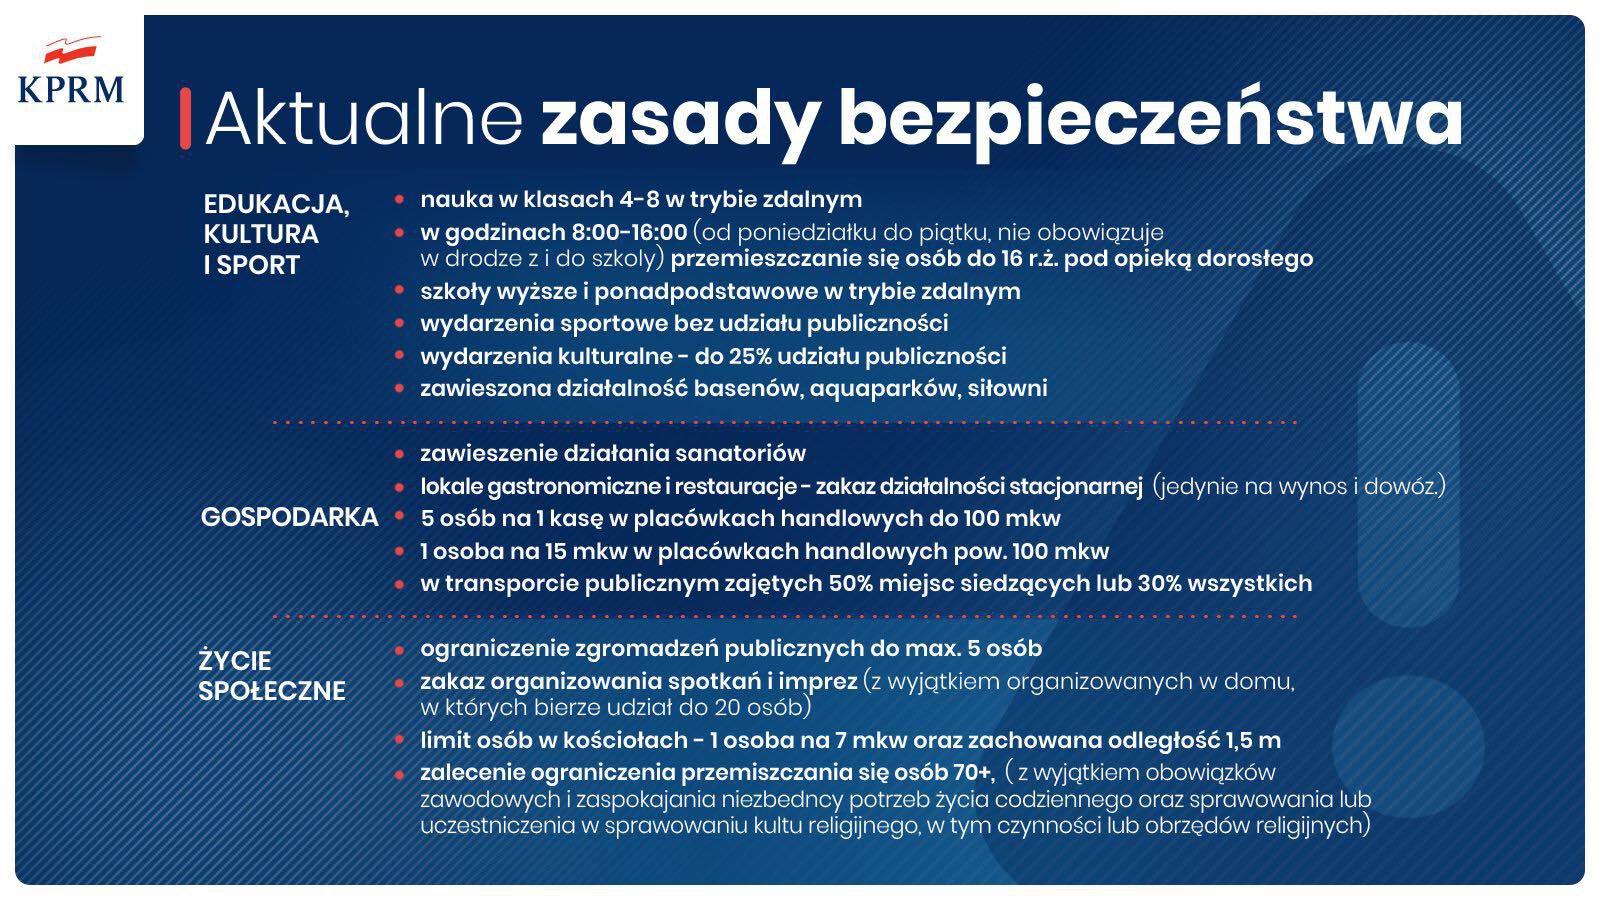 KPRM zasady bezpieczeństwa w związku z COVID-19